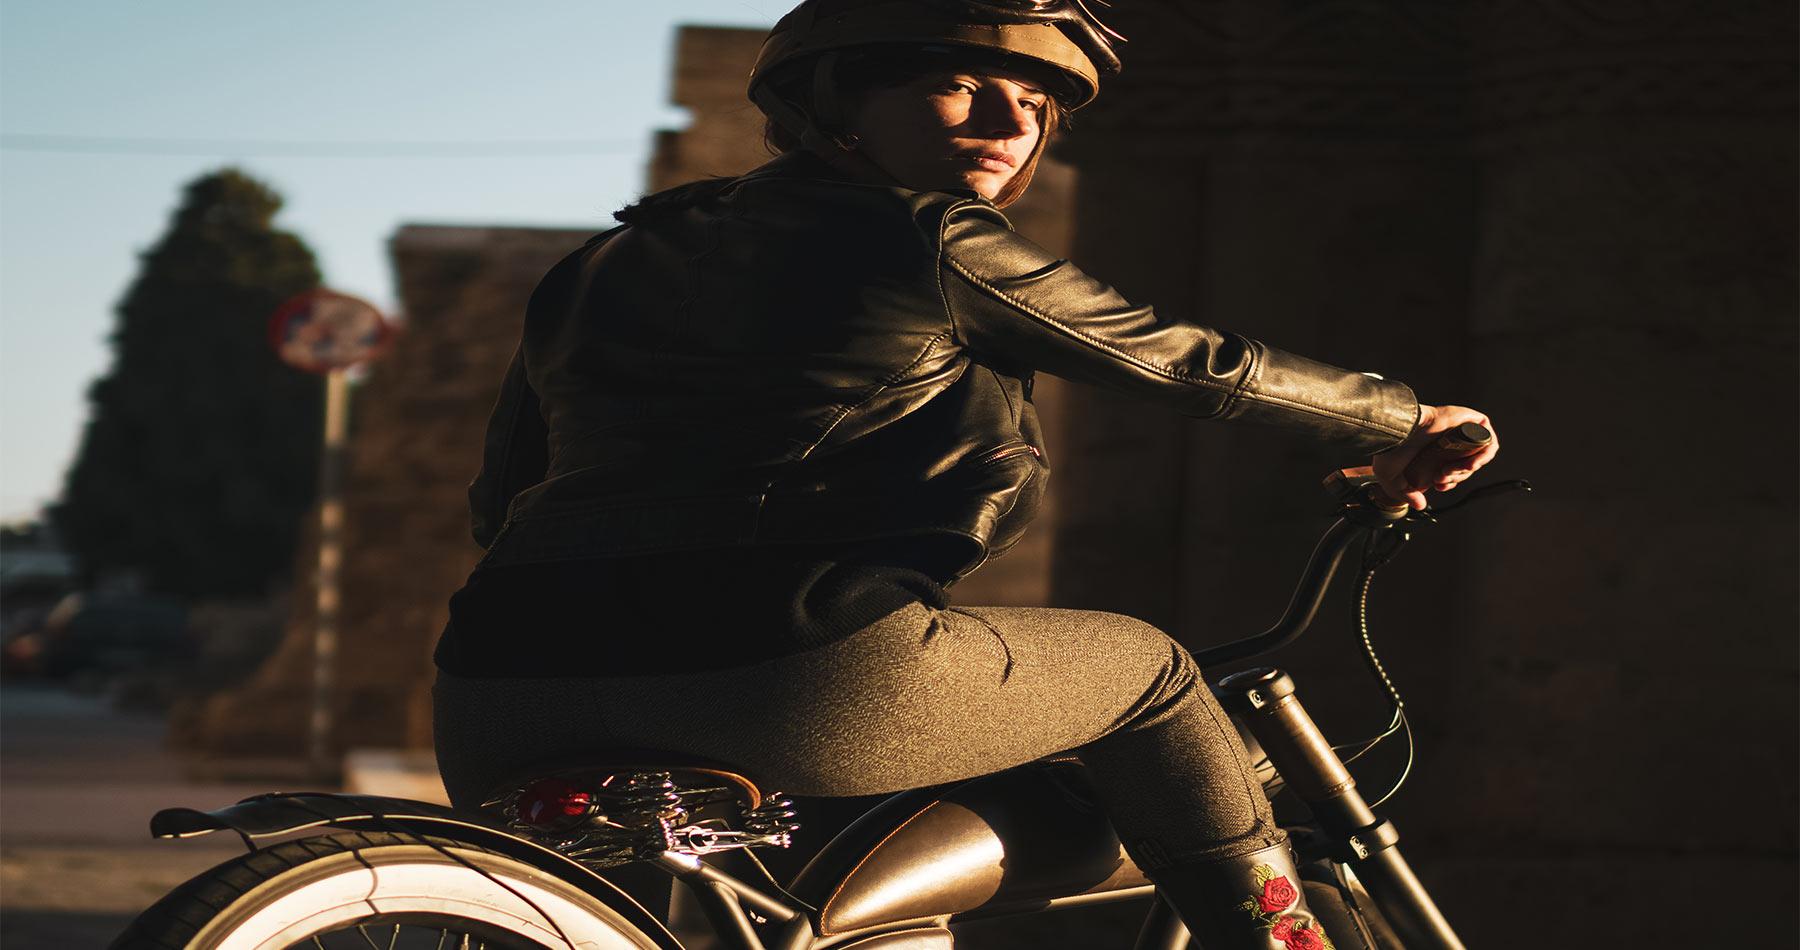 rhodes experiences odix retro bikes 11